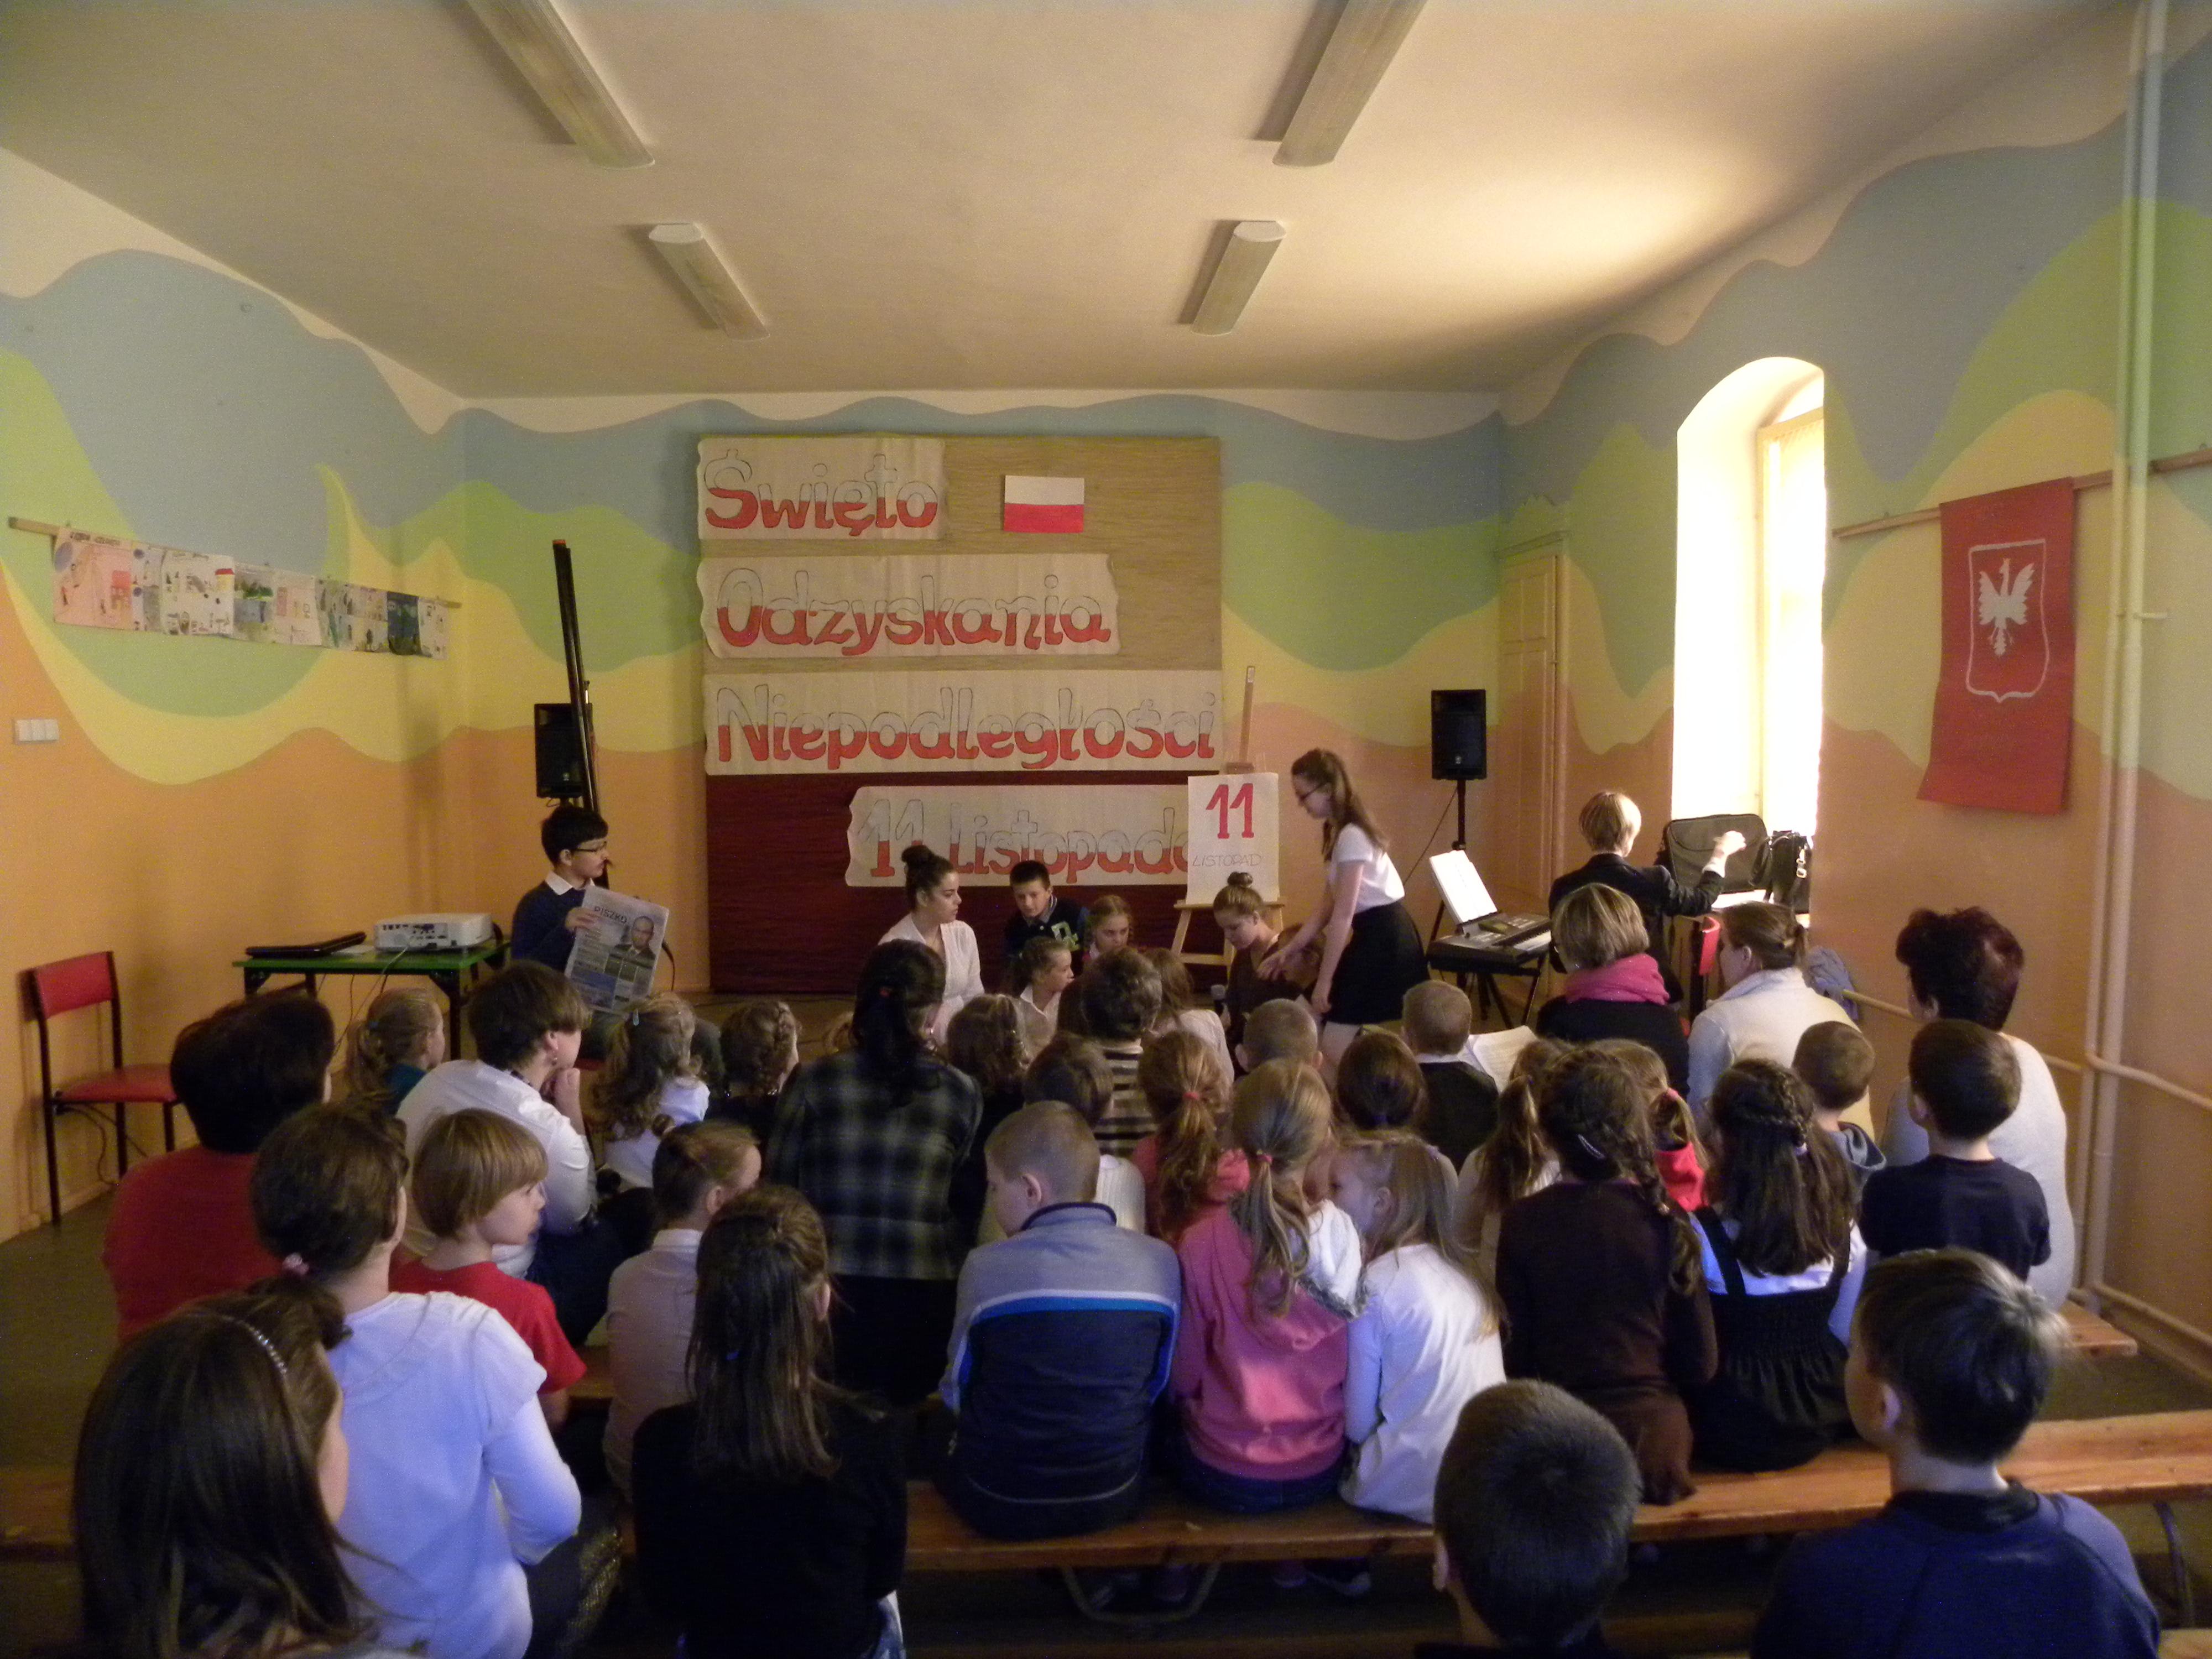 Święto Odzyskania Niepodległości, Autor: A. Chabło, 12.11.2014r.